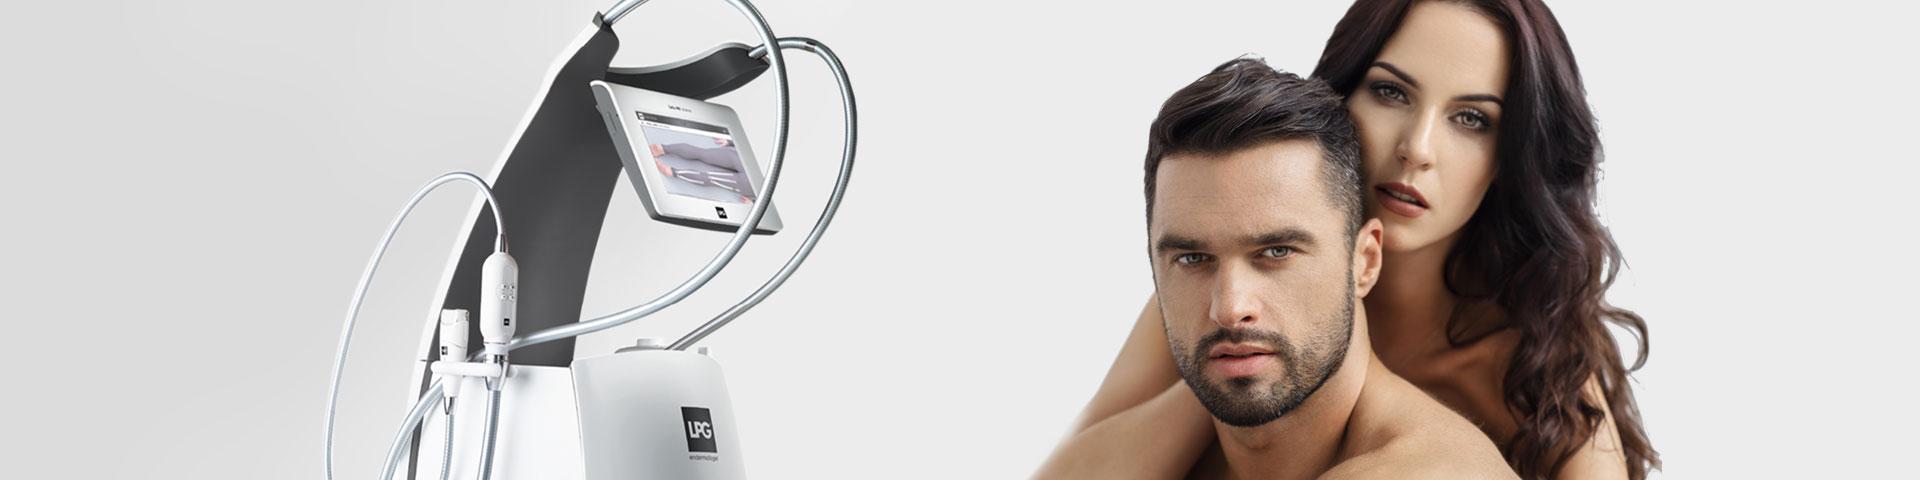 Endermologie Gesicht Mann und Frau mit dem Gerät